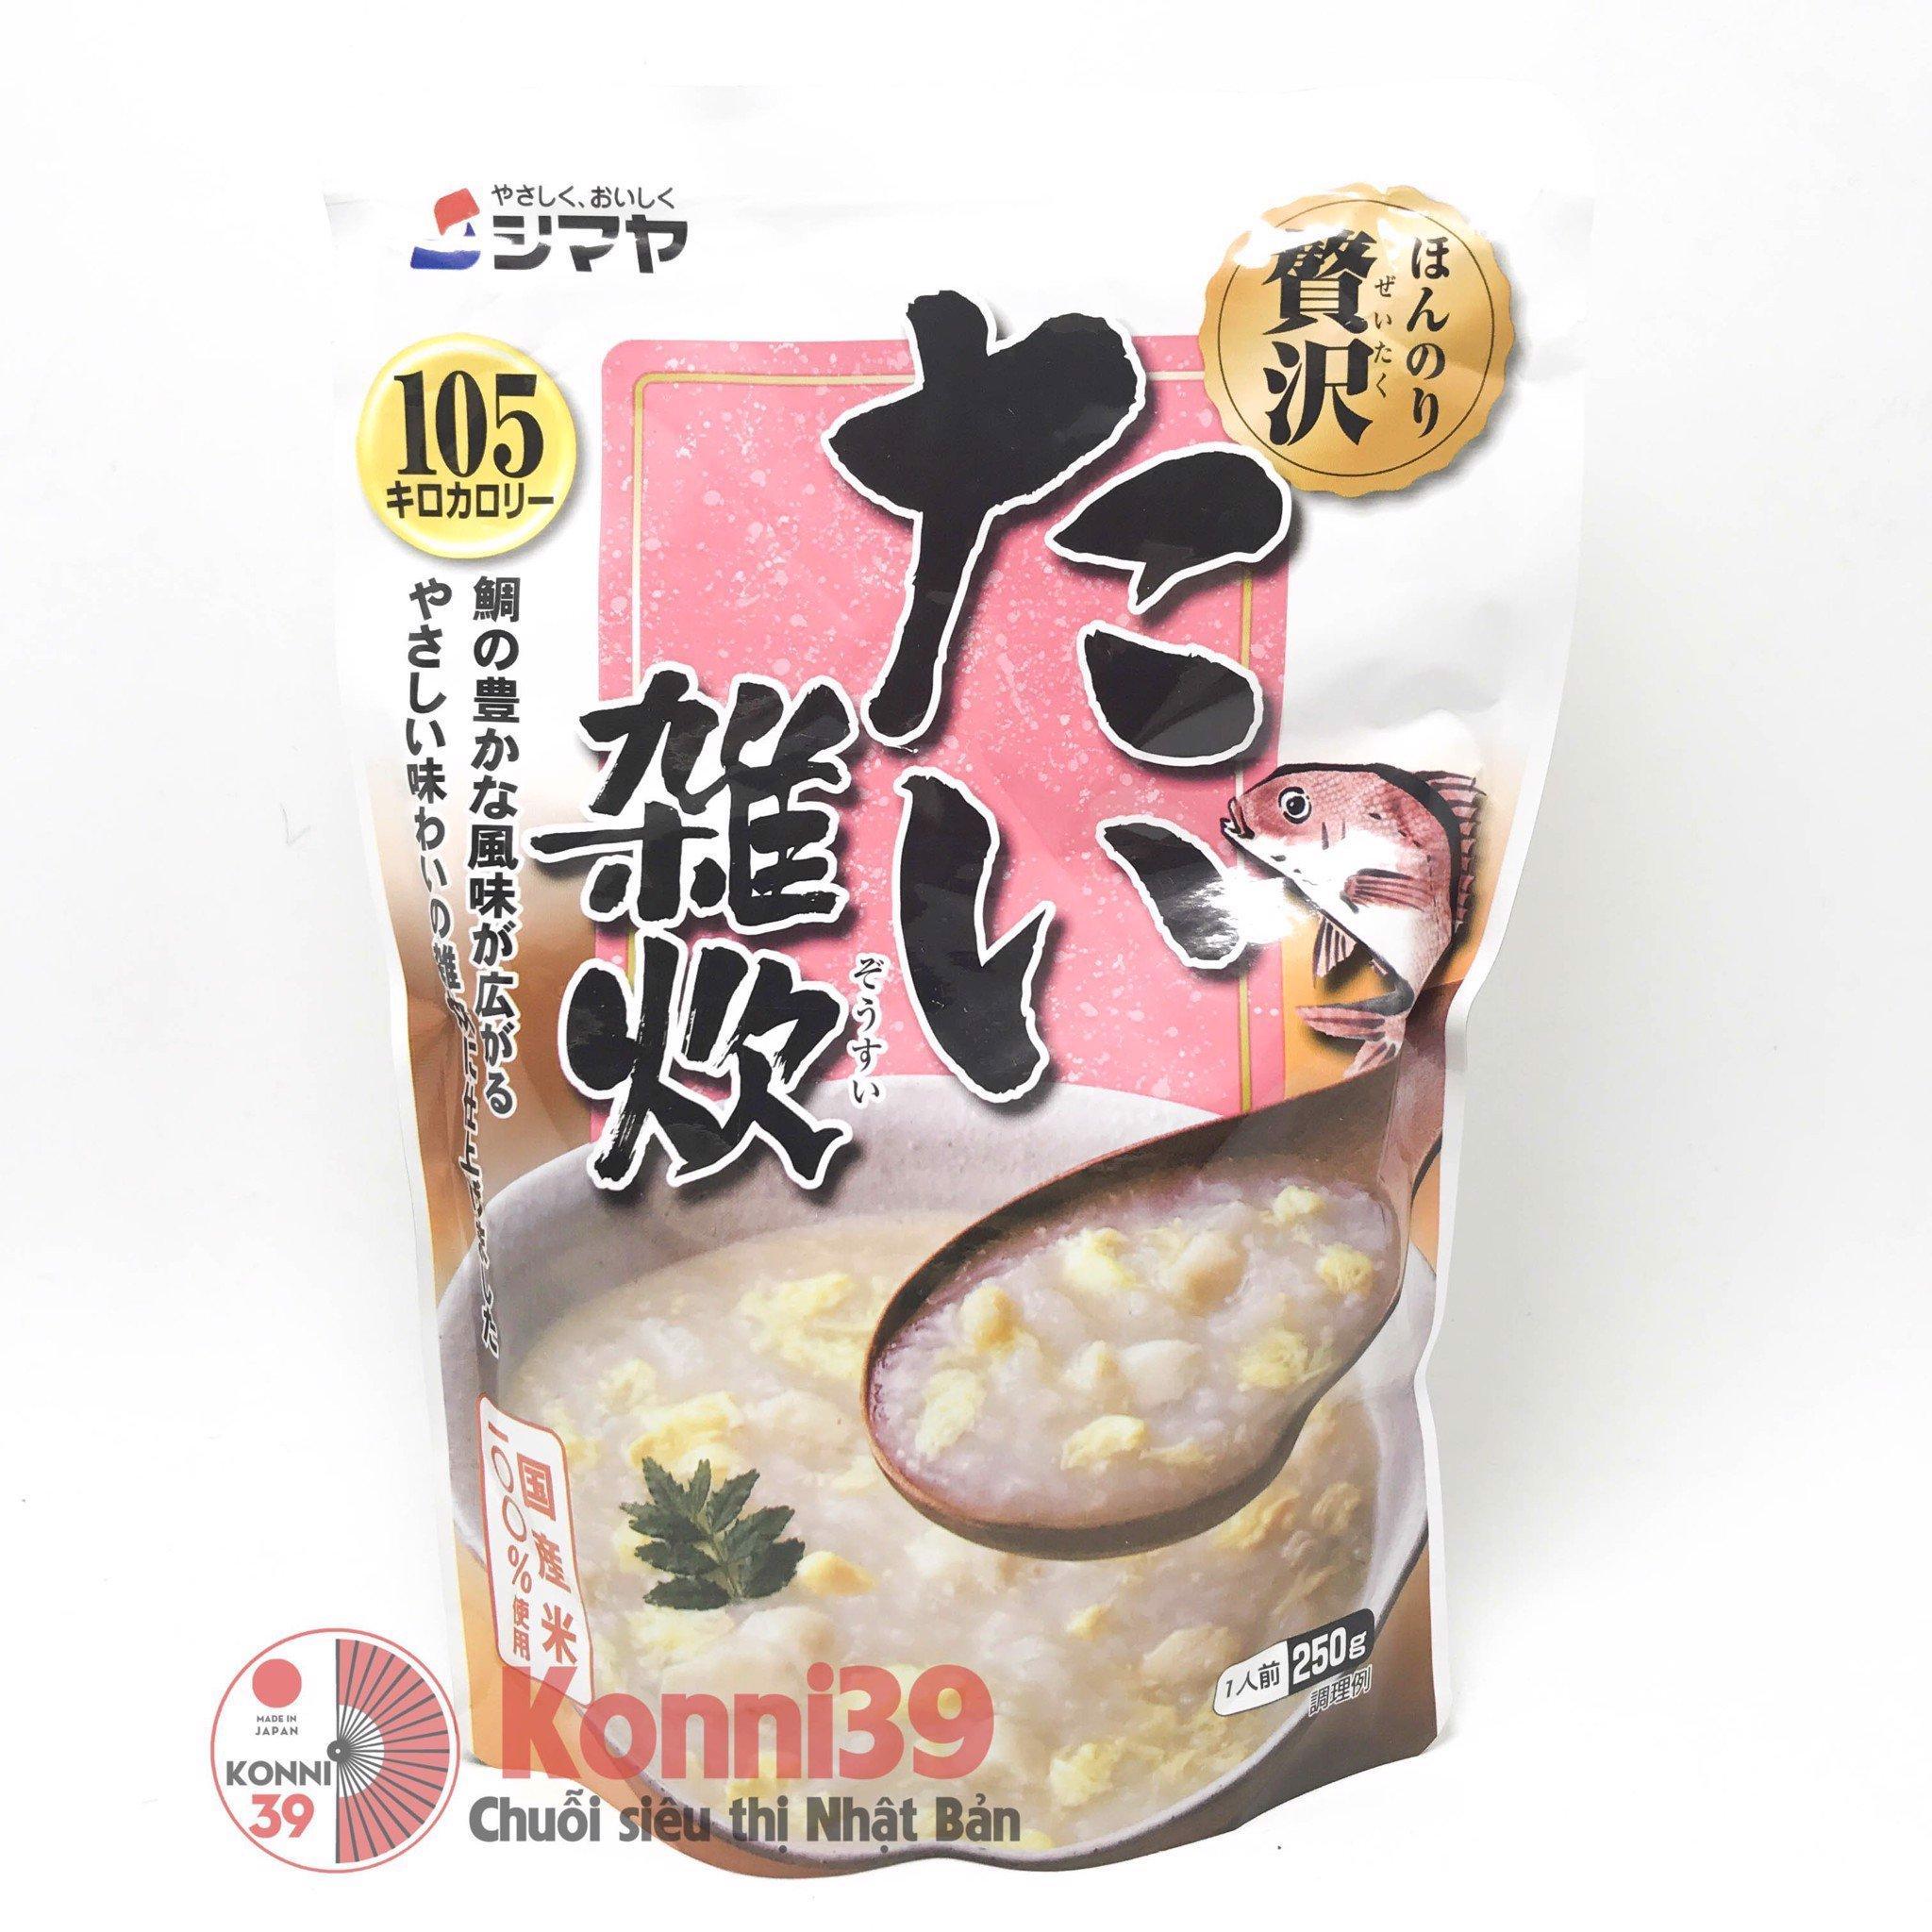 Cháo ăn liền Shimaya ( Vị cá hồng- trọng lượng 250gr)- Hàng Nội Địa Nhật, dùng được cho bé 1...